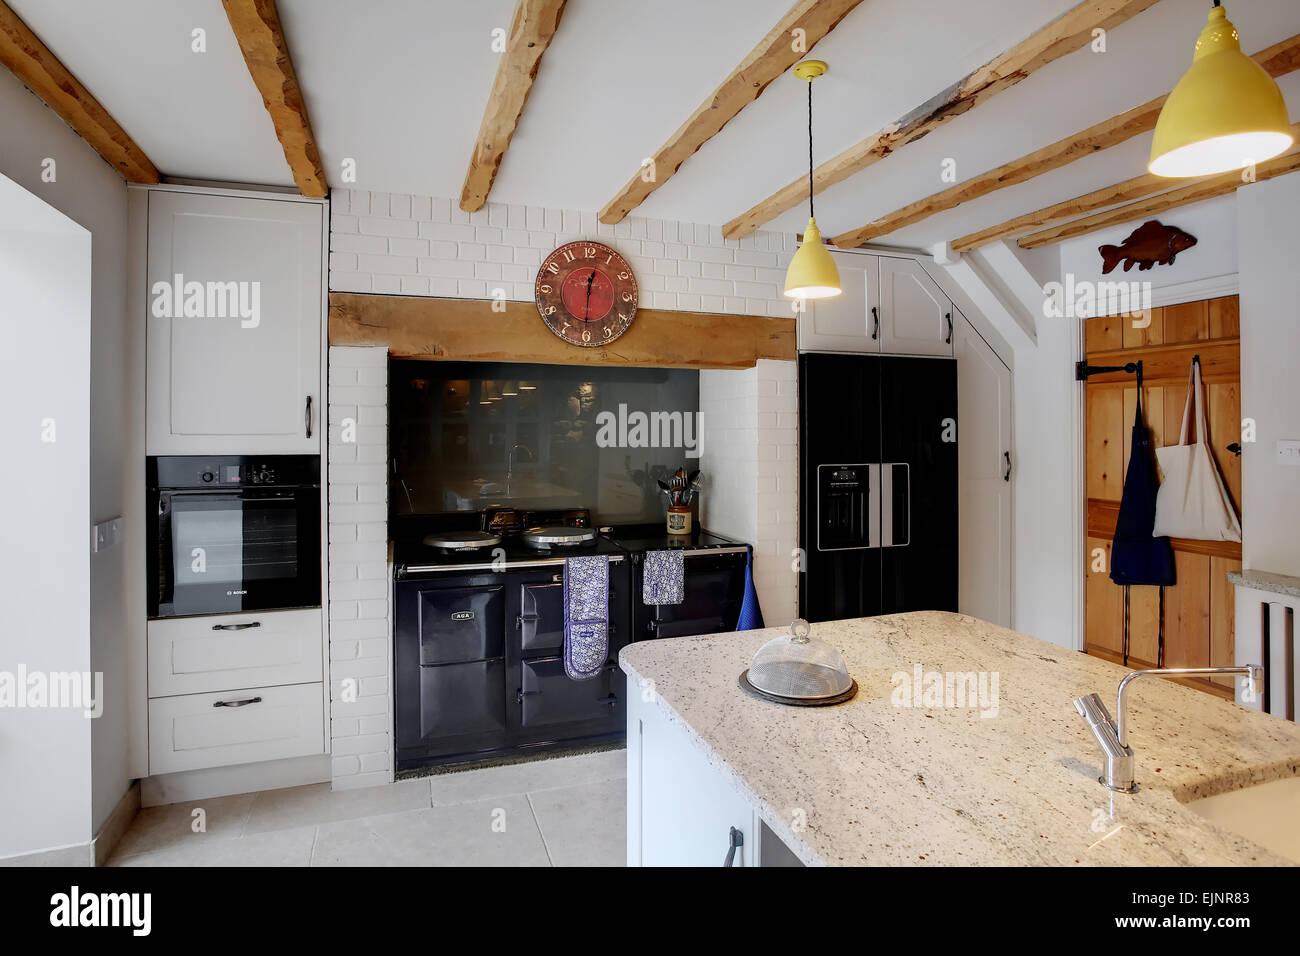 Country Kitchen Aga Stockfotos & Country Kitchen Aga Bilder - Alamy